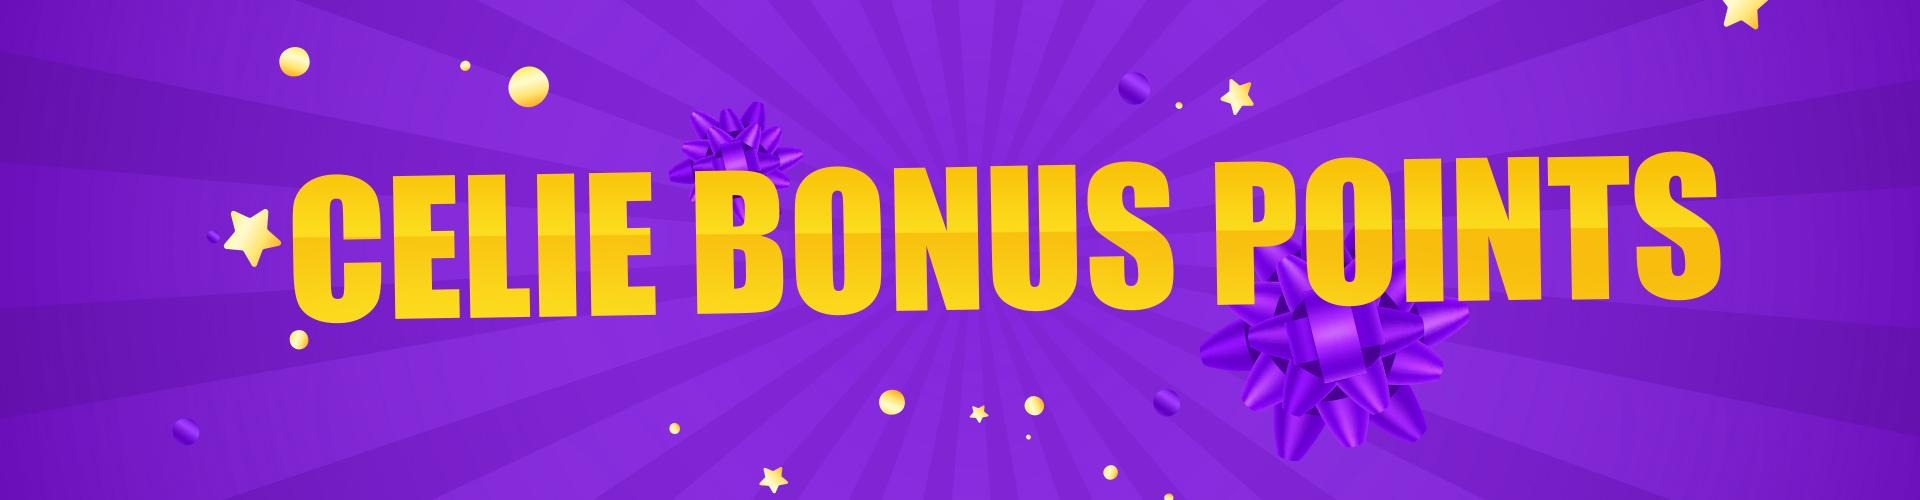 Hair Bonus Point